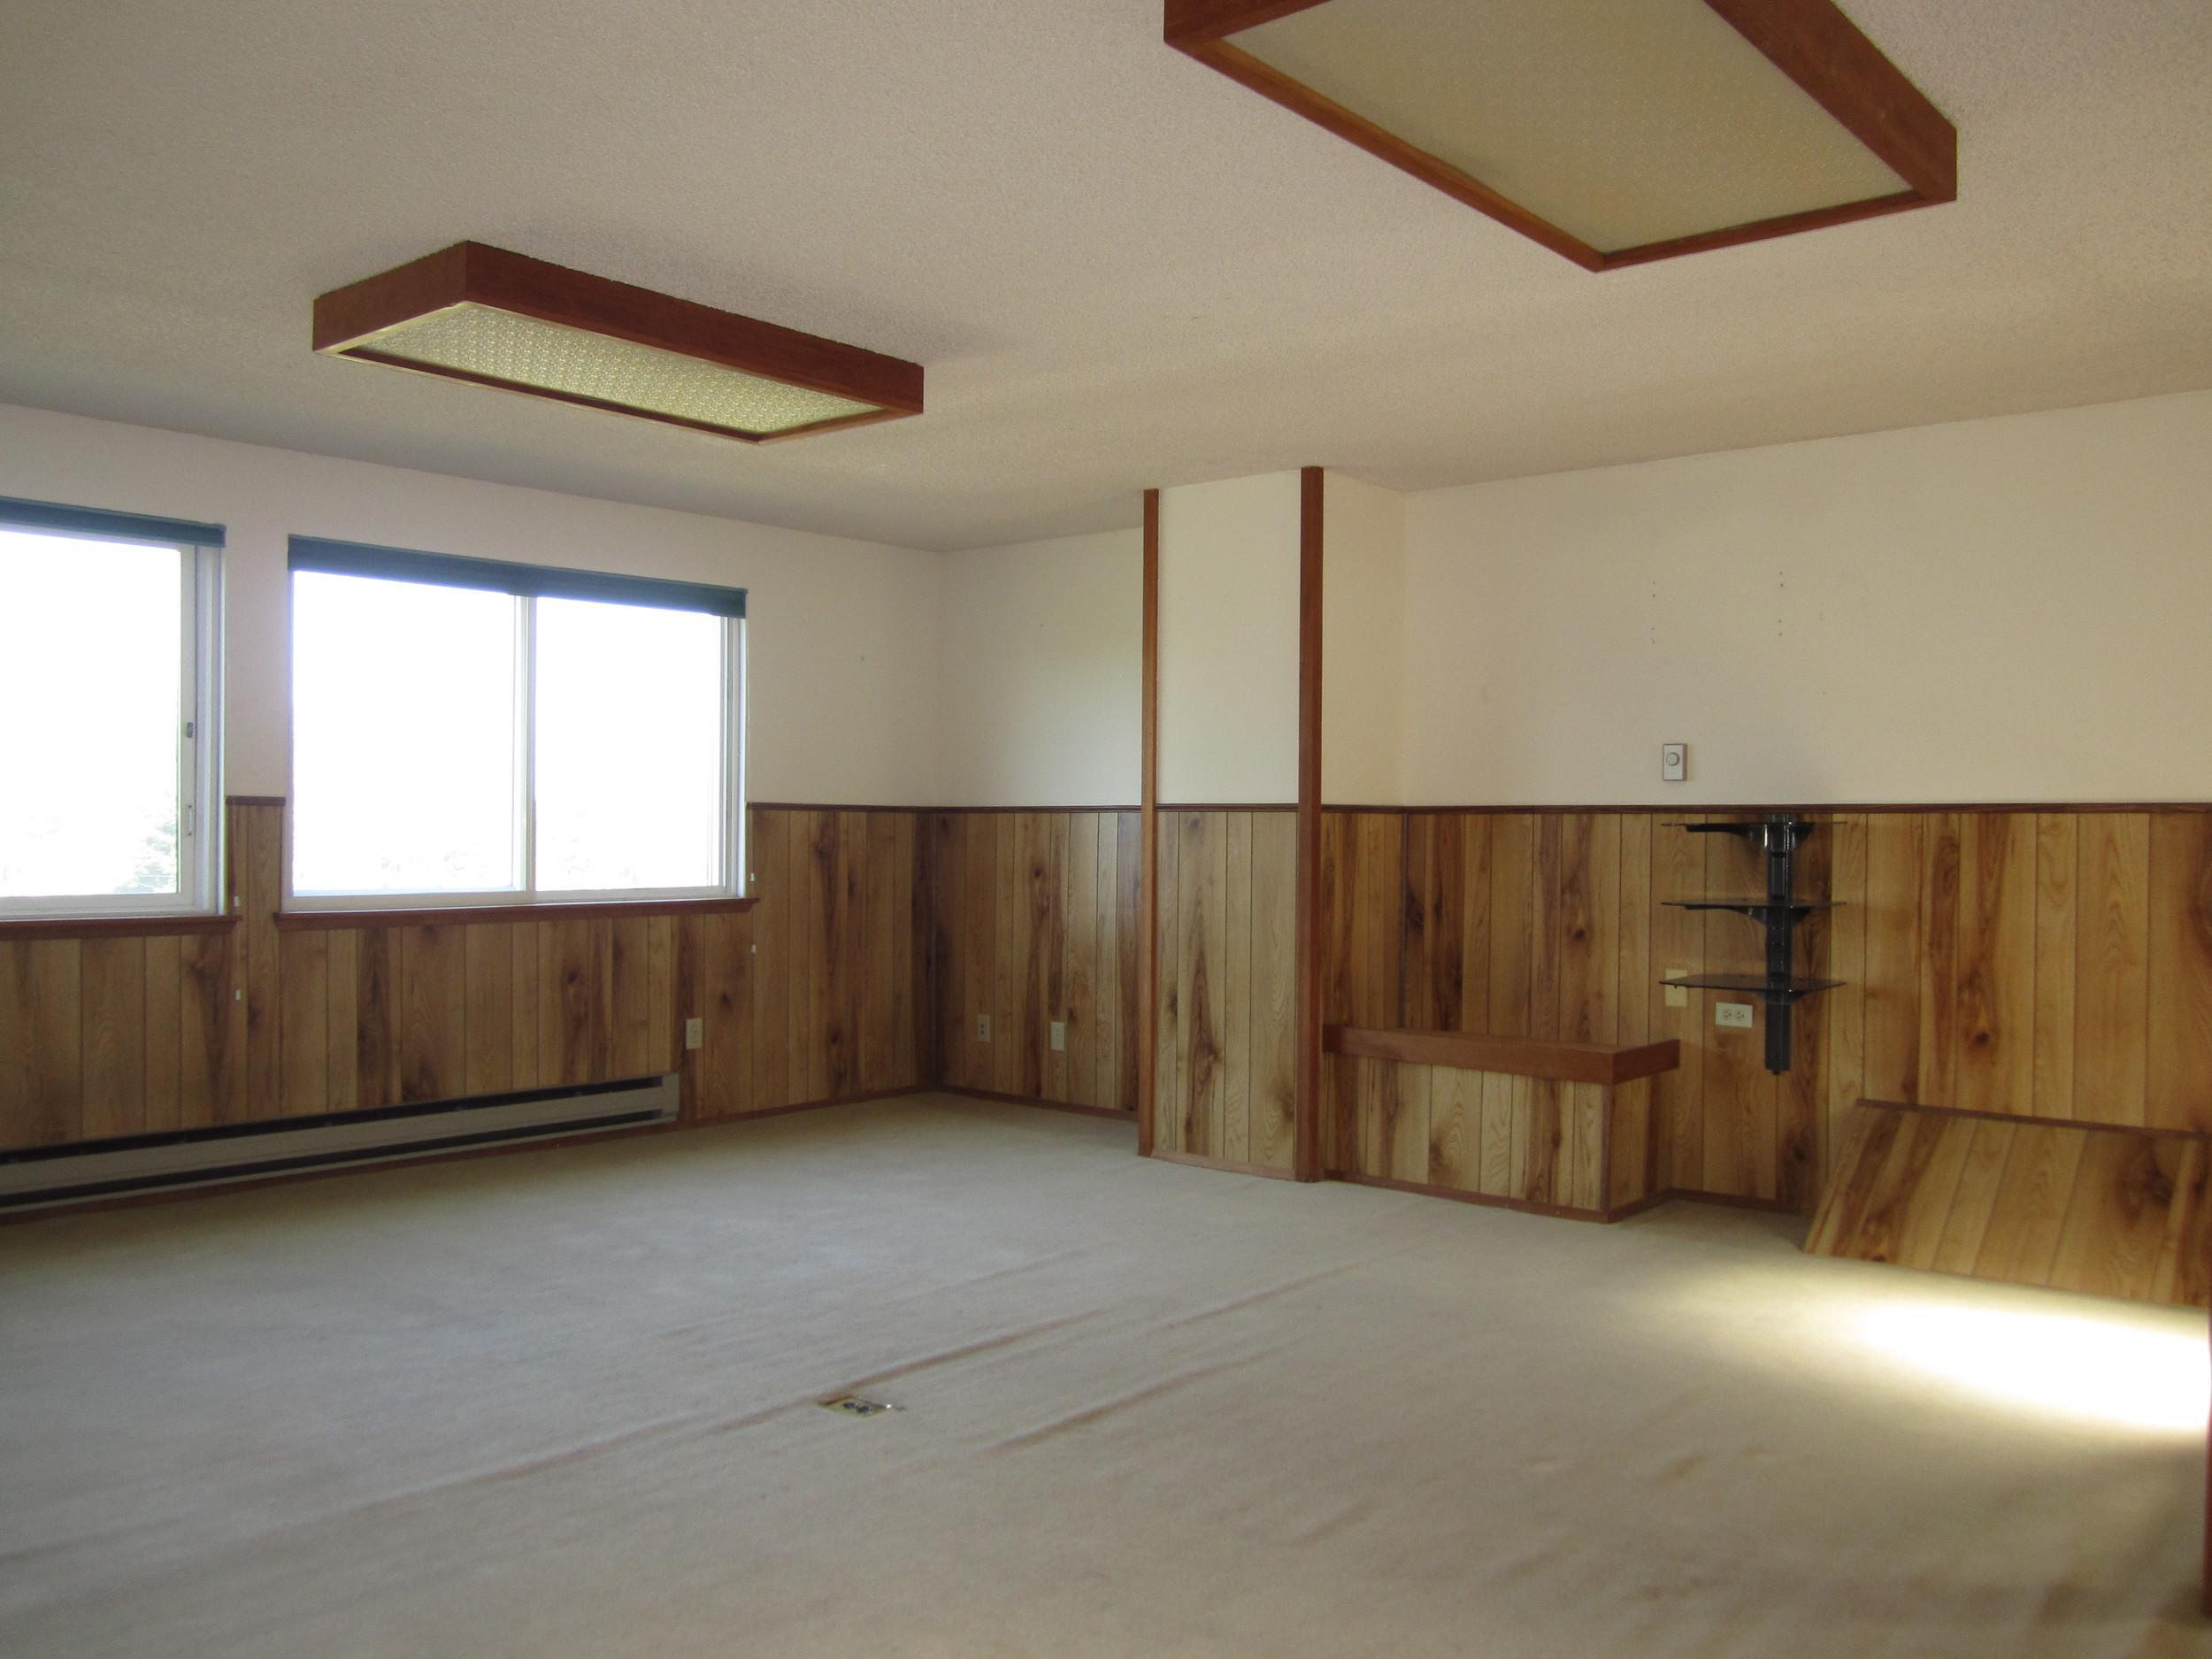 561-876035 - Family Room 1.JPG